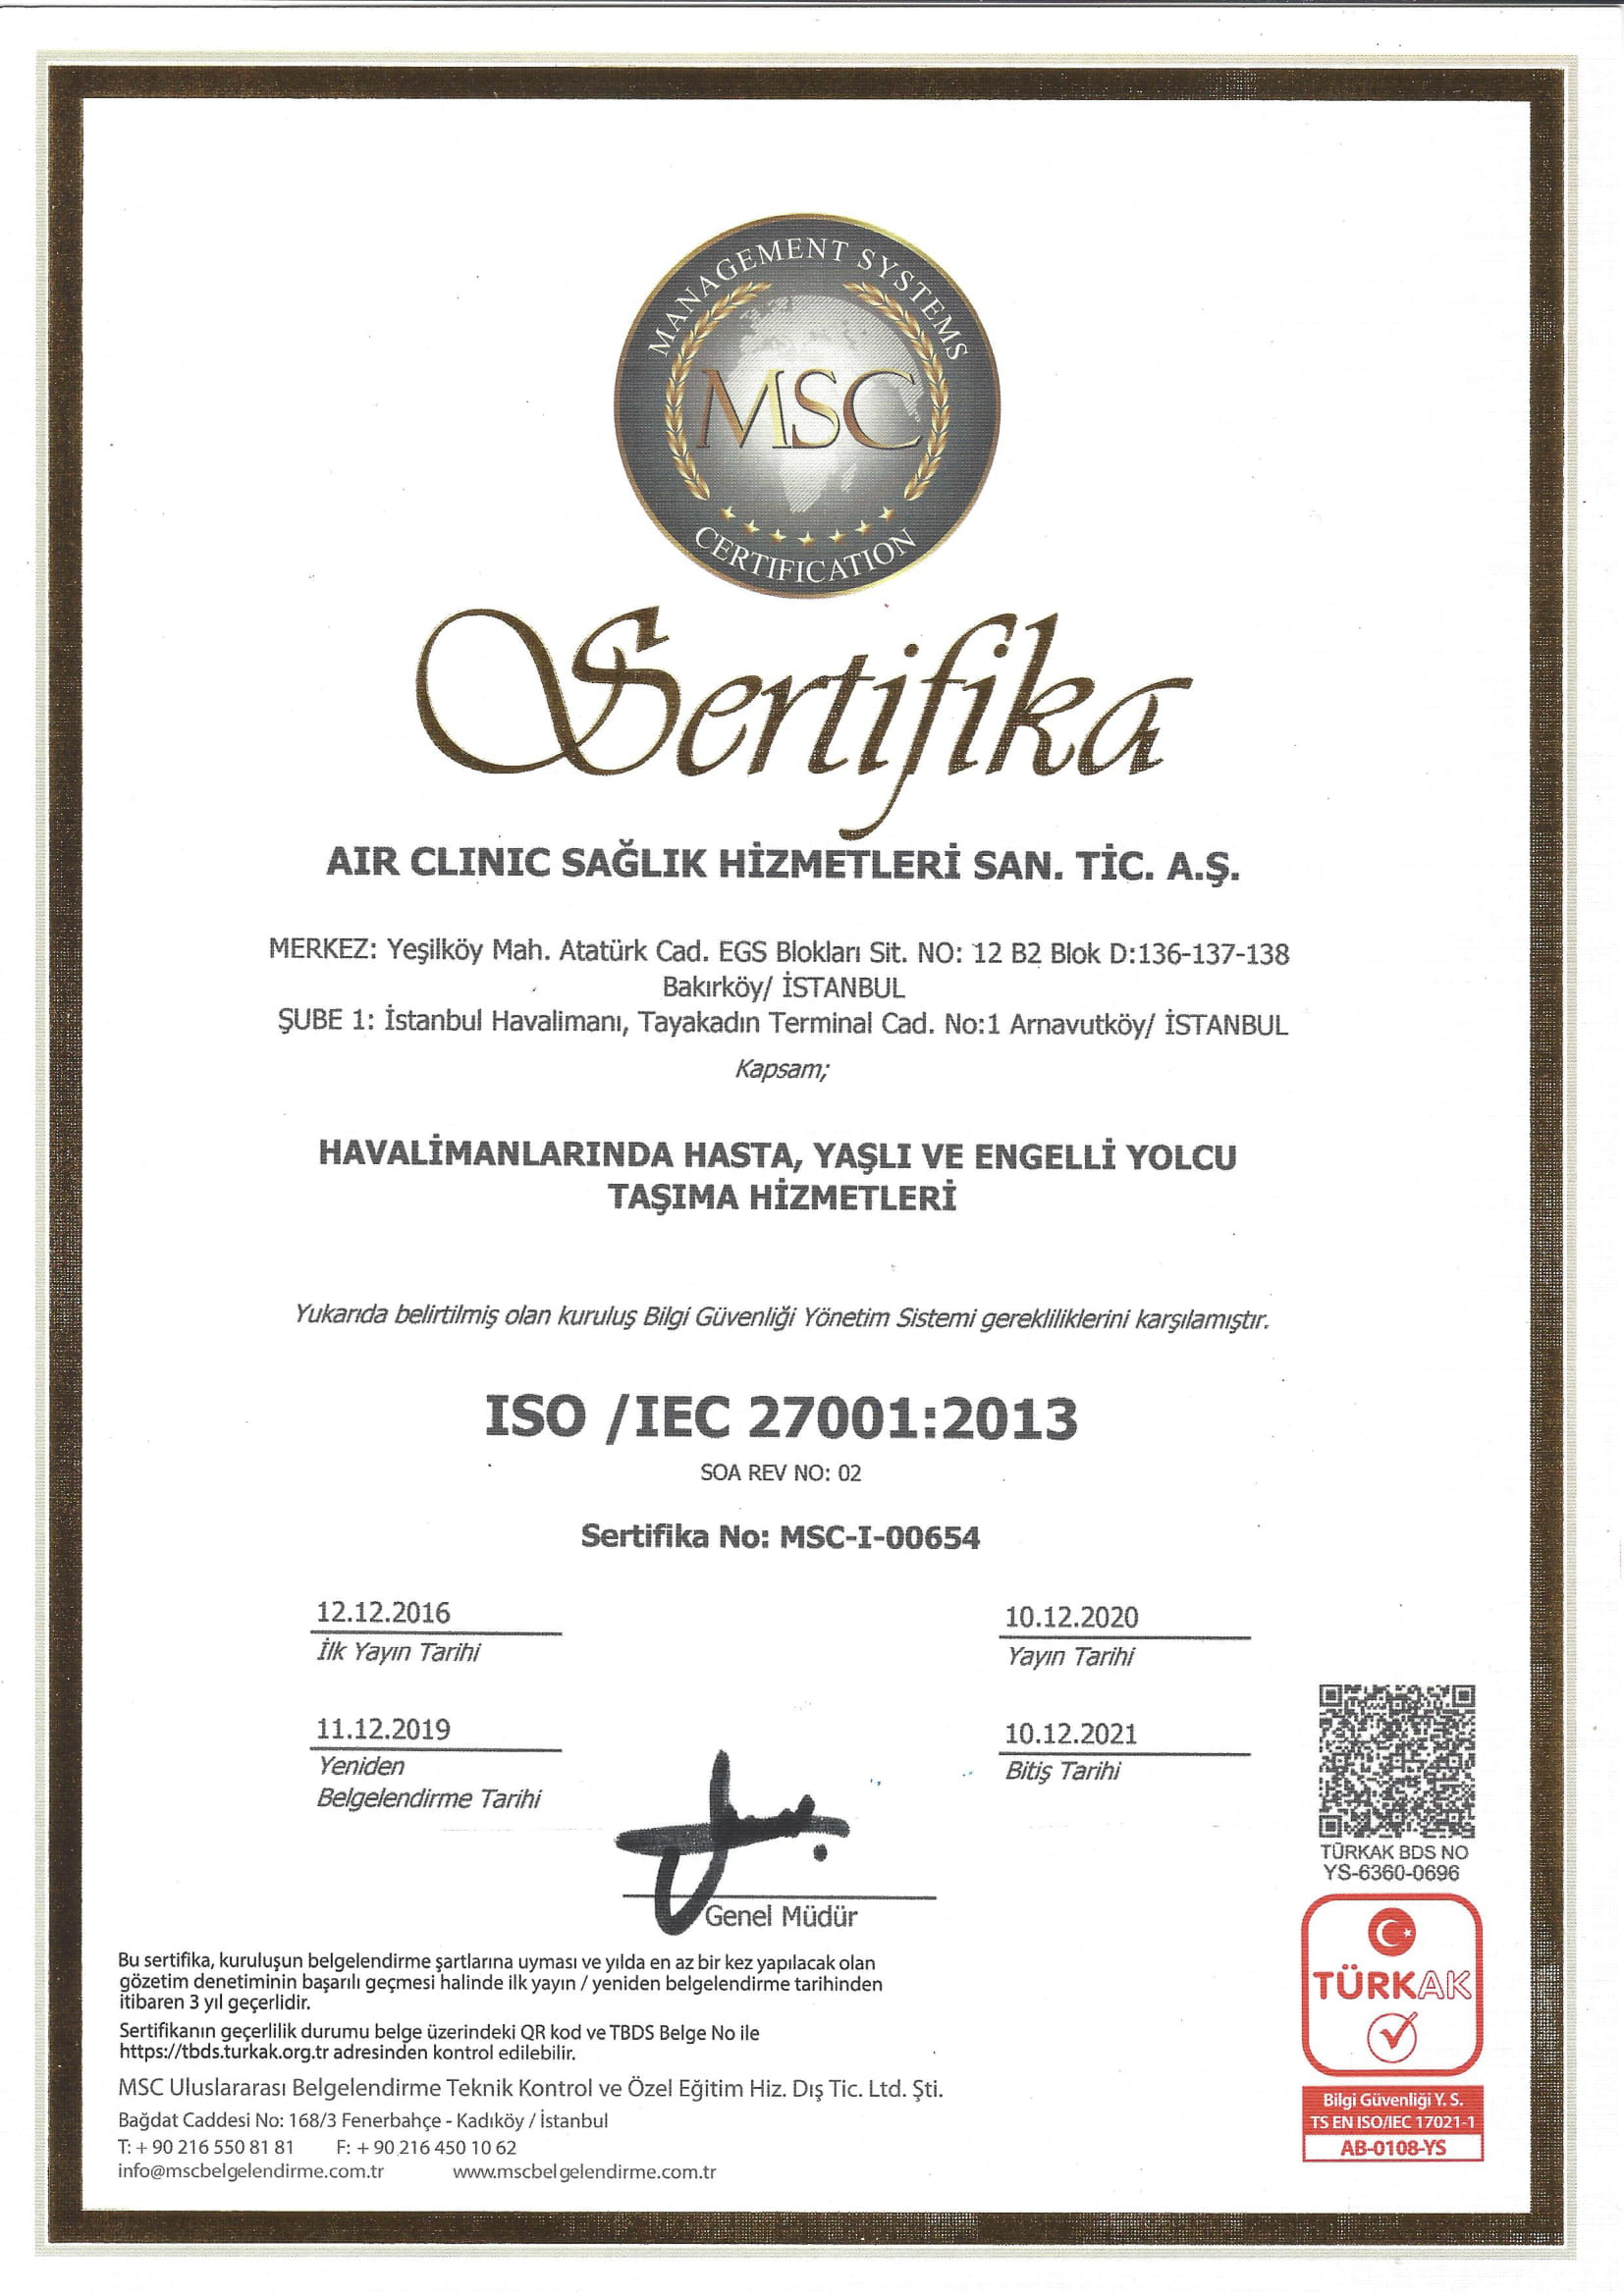 airclinic-iso-270012013-1-2021 Sertifikalar